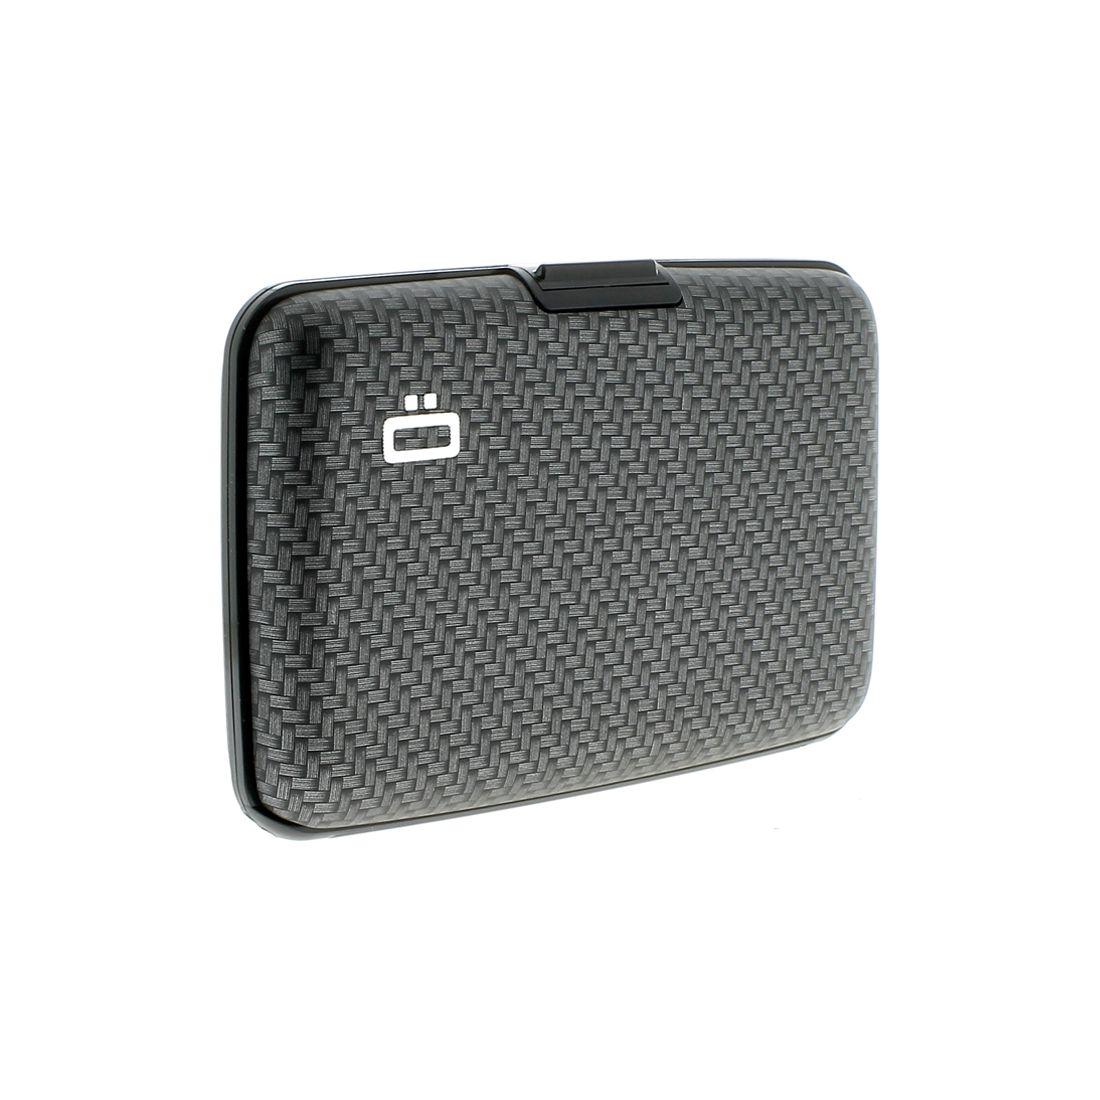 Porte Carte Ogon Designs Carbon CravateAvenuecom - Porte carte ogon